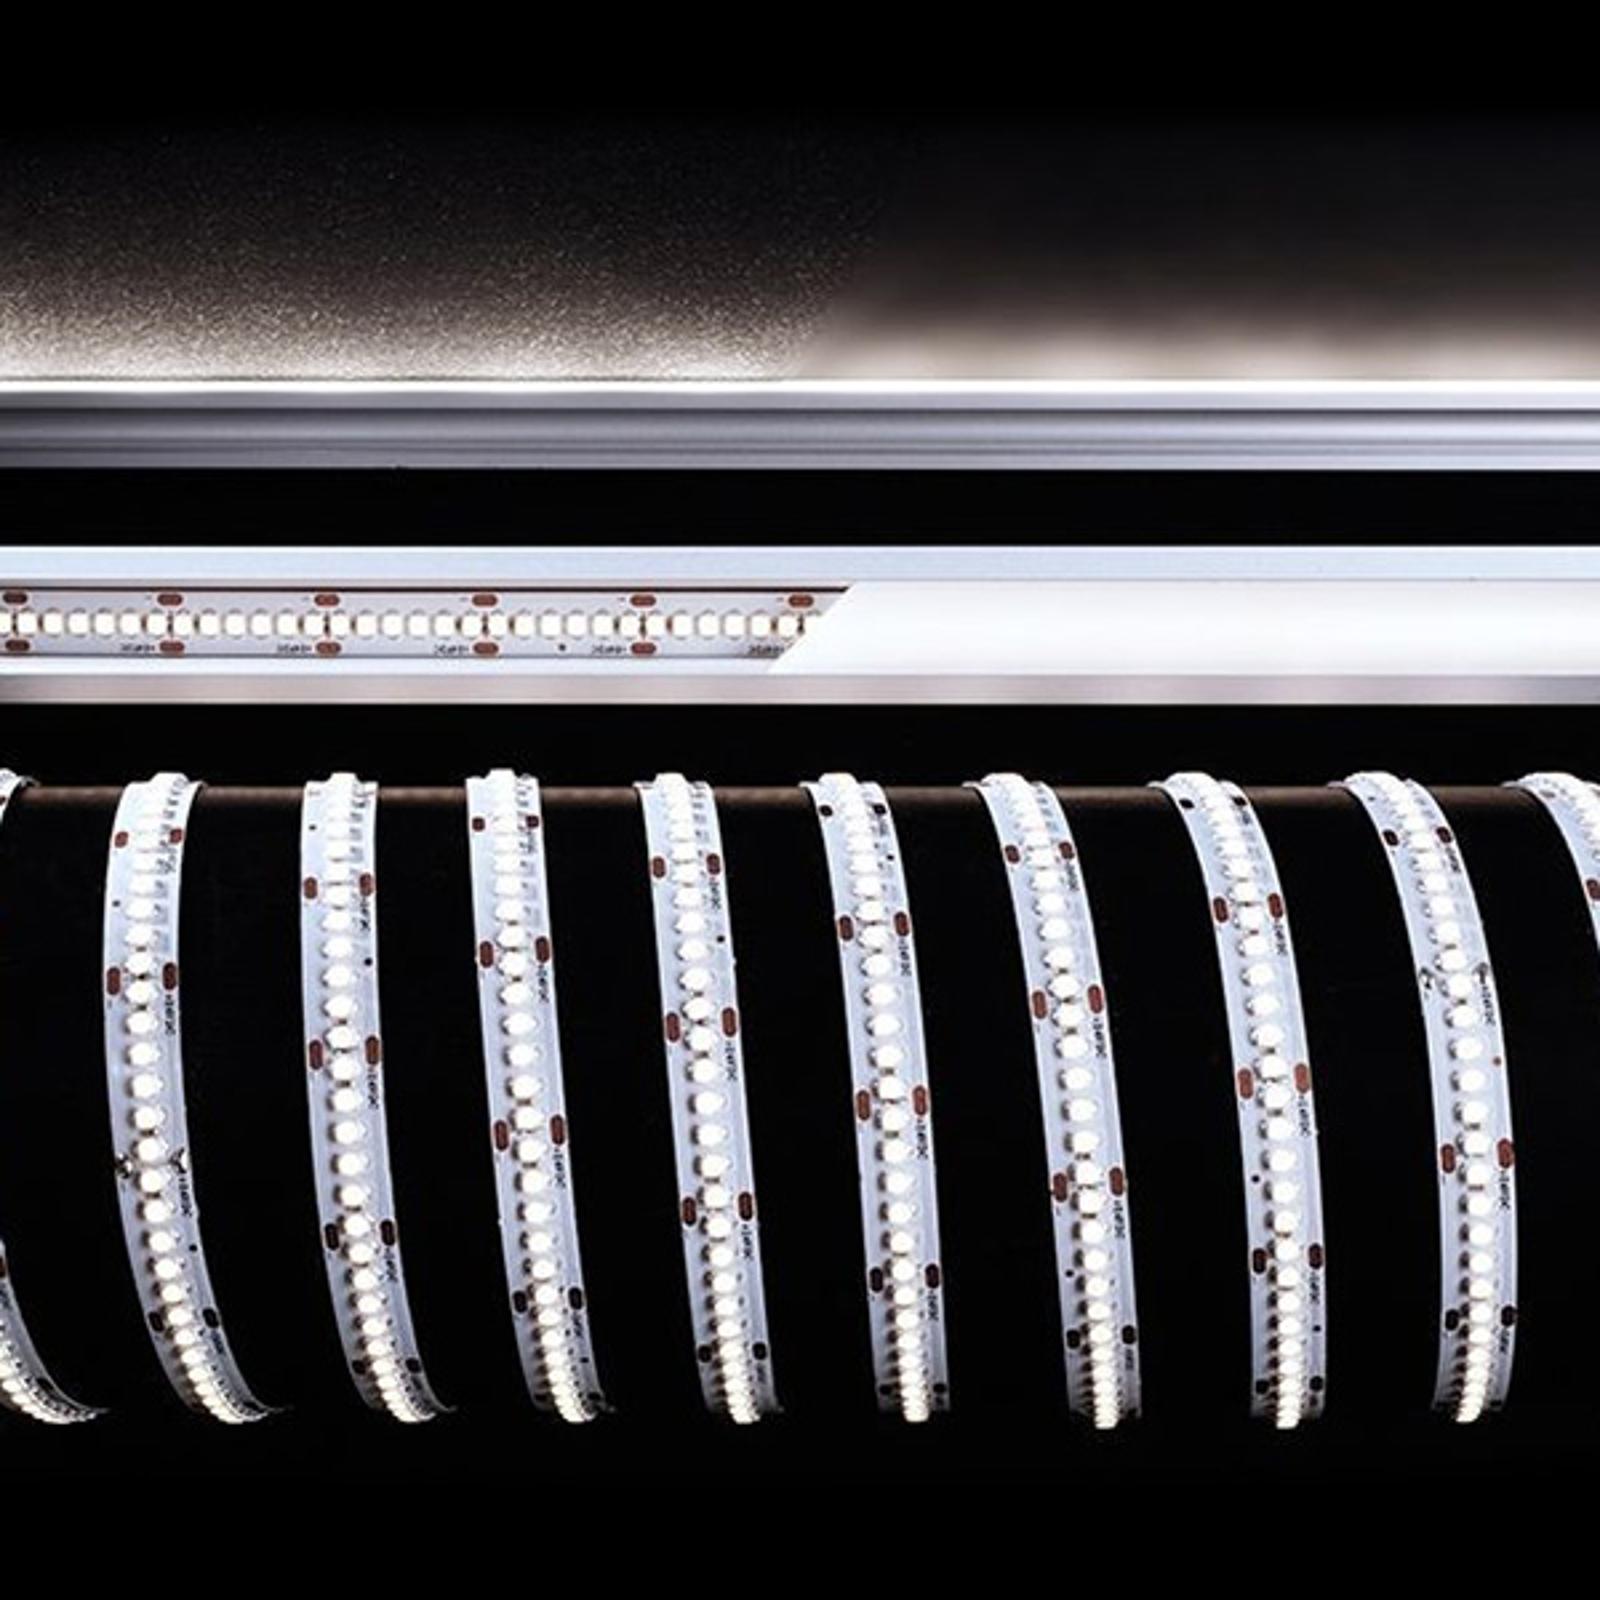 Flexibel LED-list, 90 W 500 x 1 x 0,3 cm 4000K